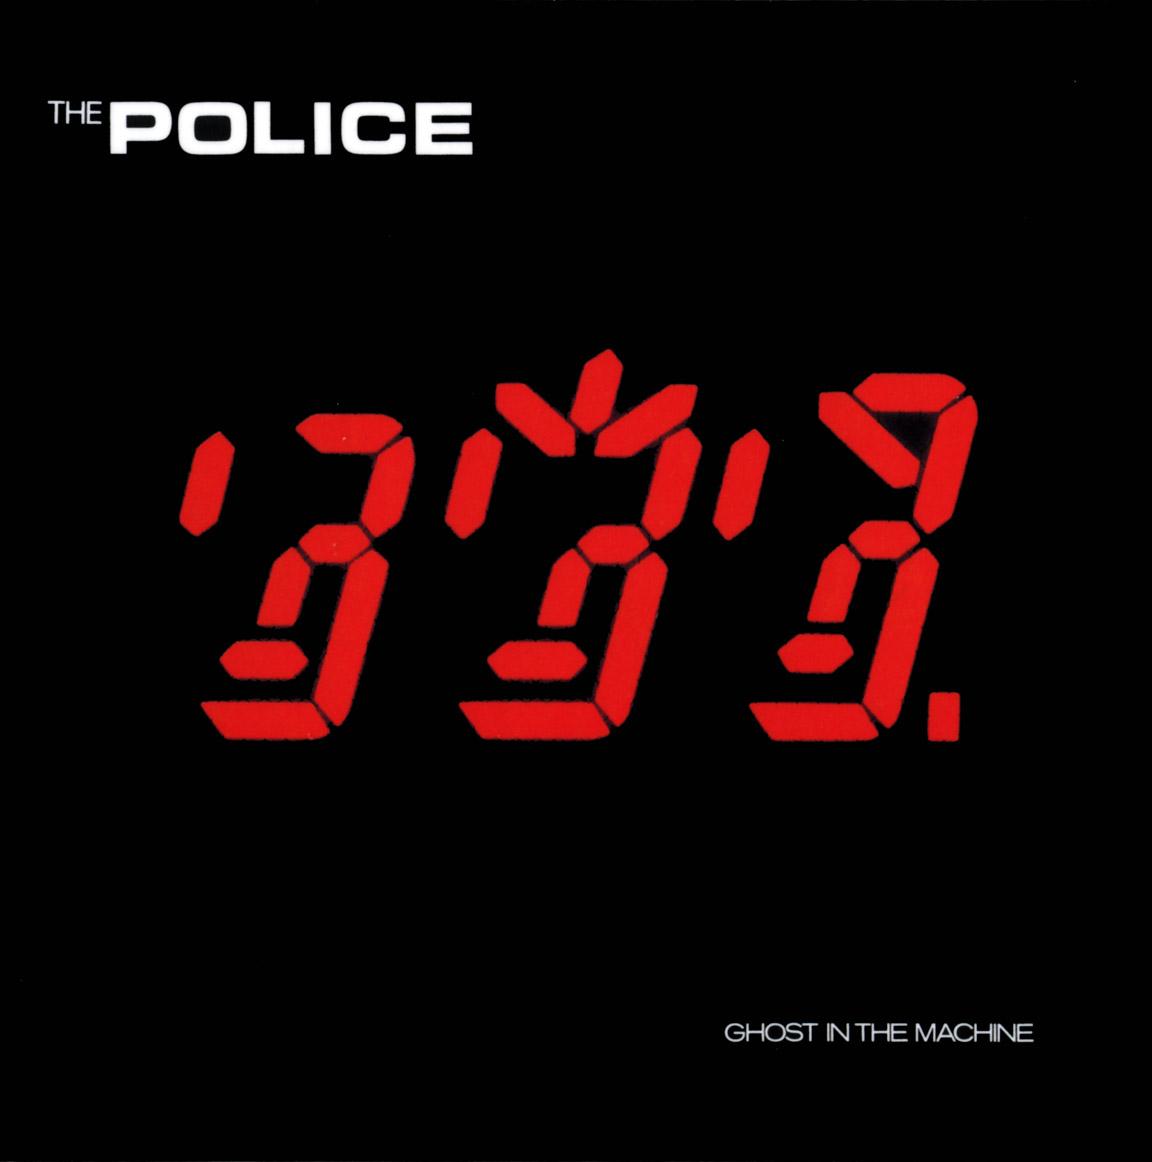 http://3.bp.blogspot.com/-xsTClDNpEis/TsPUyE8lOfI/AAAAAAAABH0/Tedf2K7hTvg/s1600/police_ghost.jpg